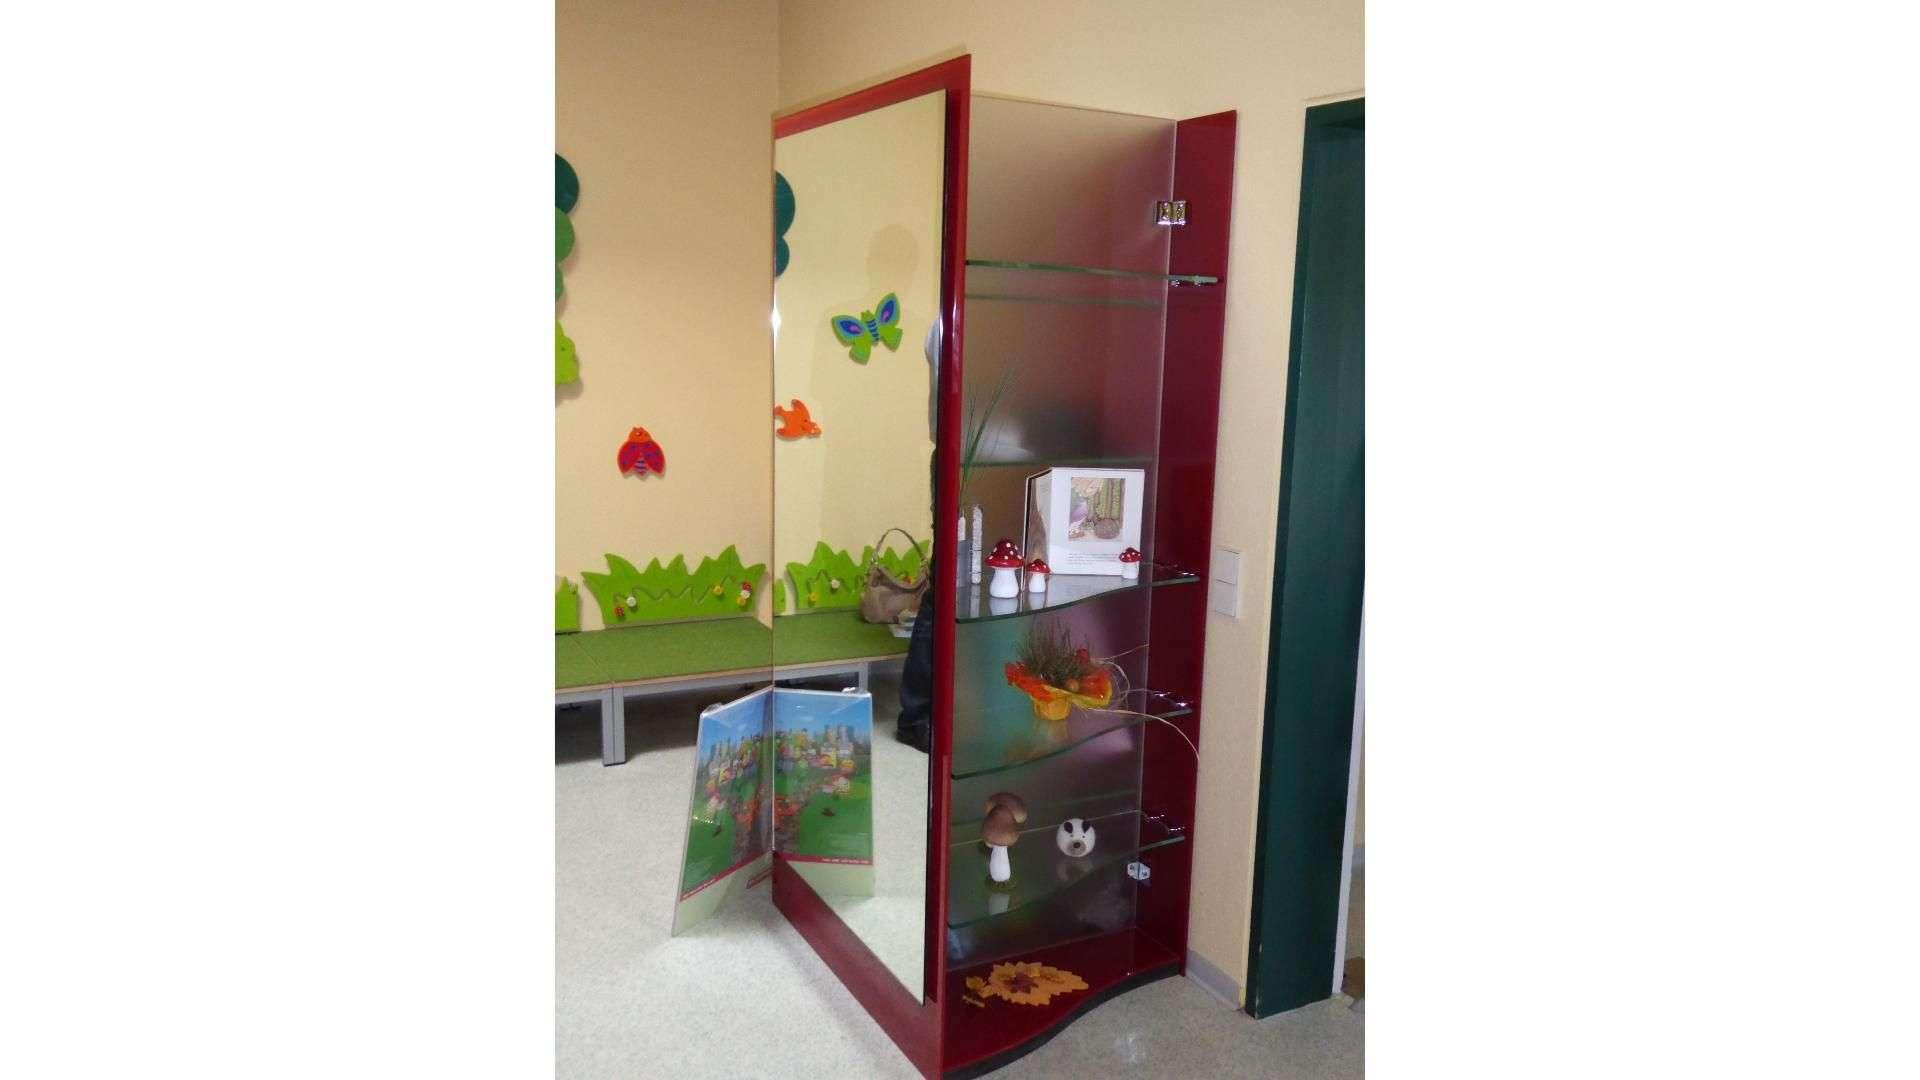 Spiegel an einem Schrank im Kindergarten